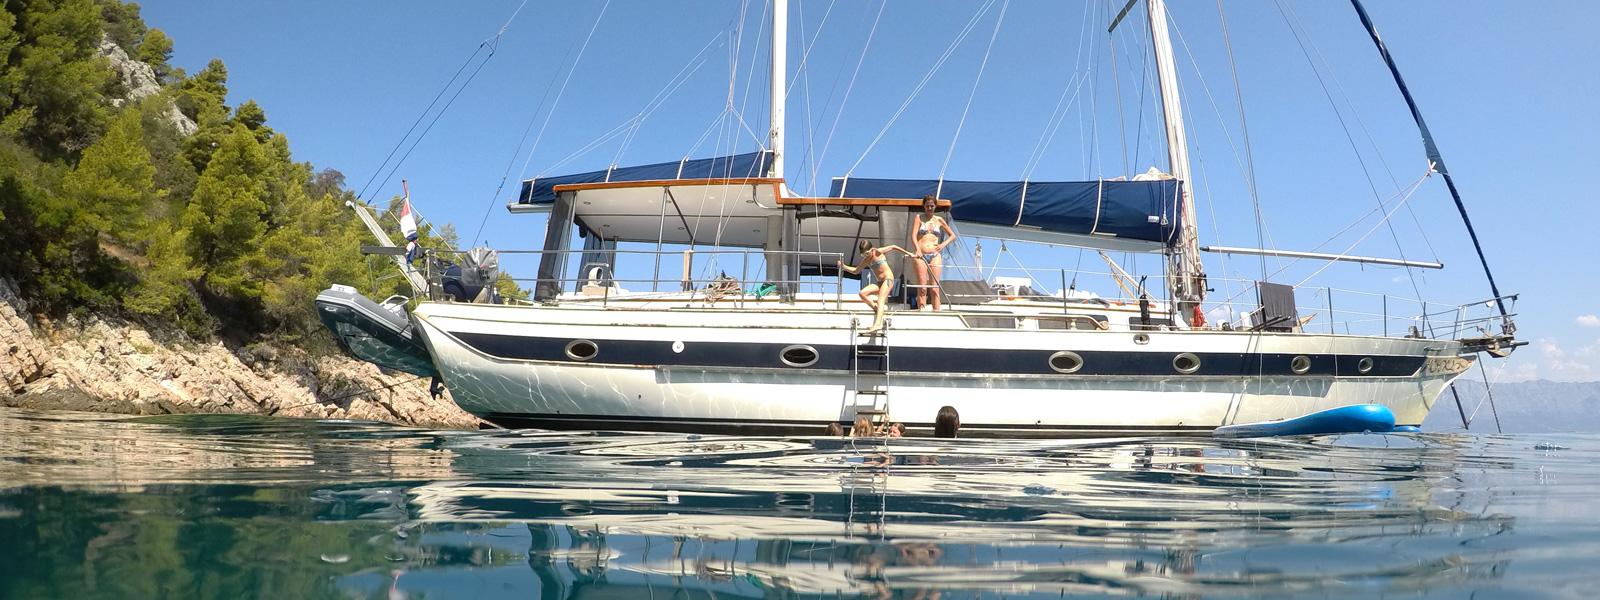 Sail boat Sinbadsan